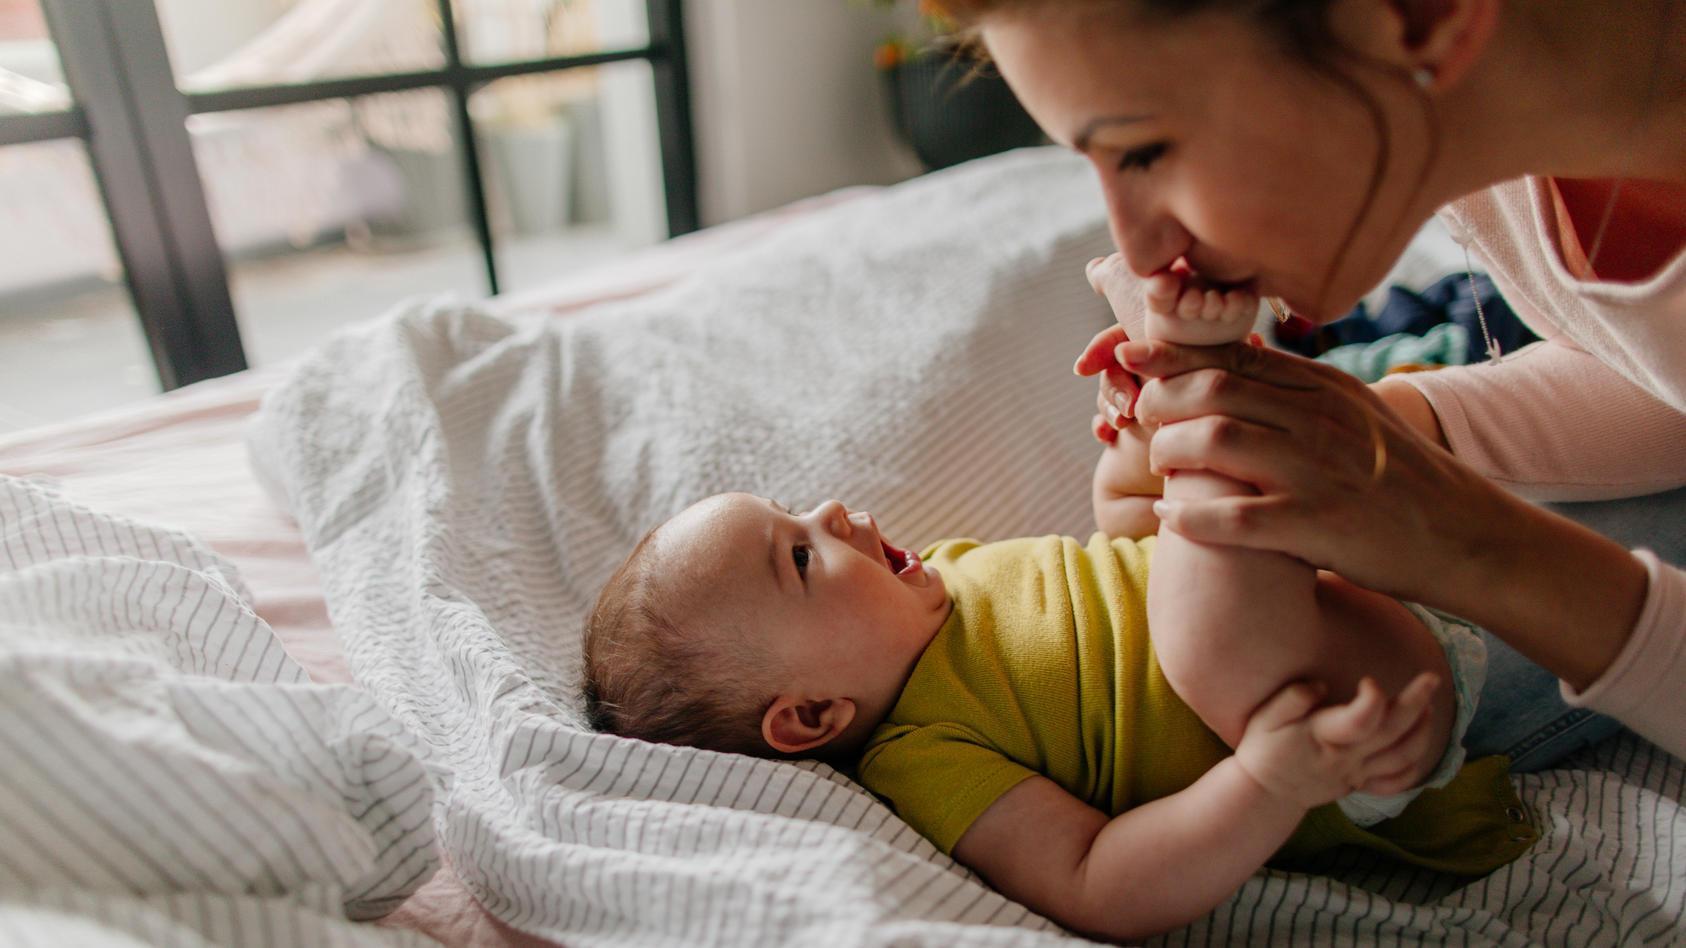 Sie werden so schnell groß: Im dritten Monat der Babyentwicklung entwickeln sich vor allem emotionale Fähigkeiten weiter und stärken die Beziehung zwischen Baby und Eltern.